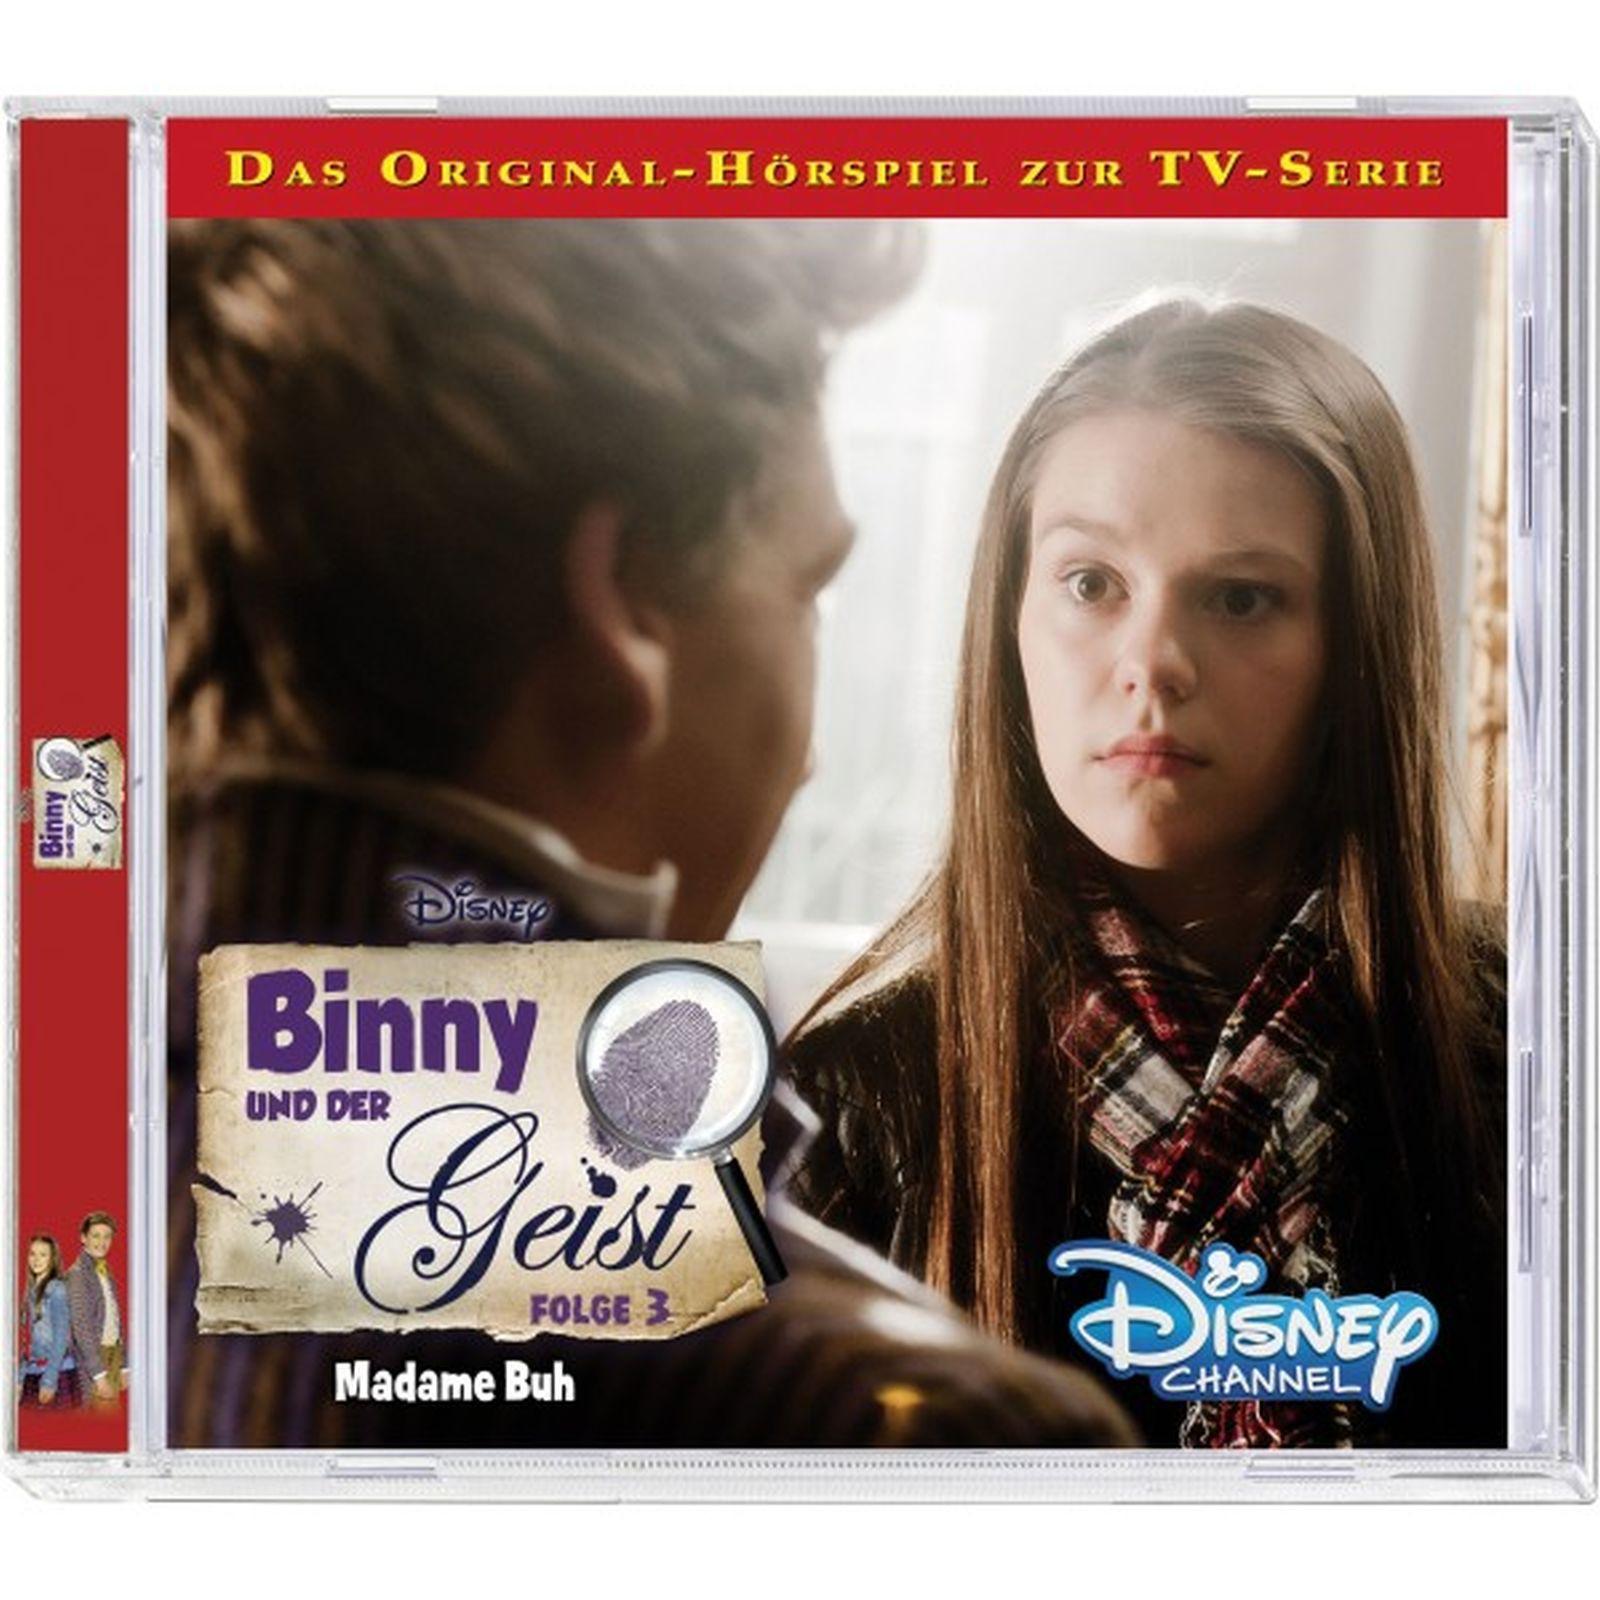 Disney Binny Und Der Geist Folge 3 Madame Buh